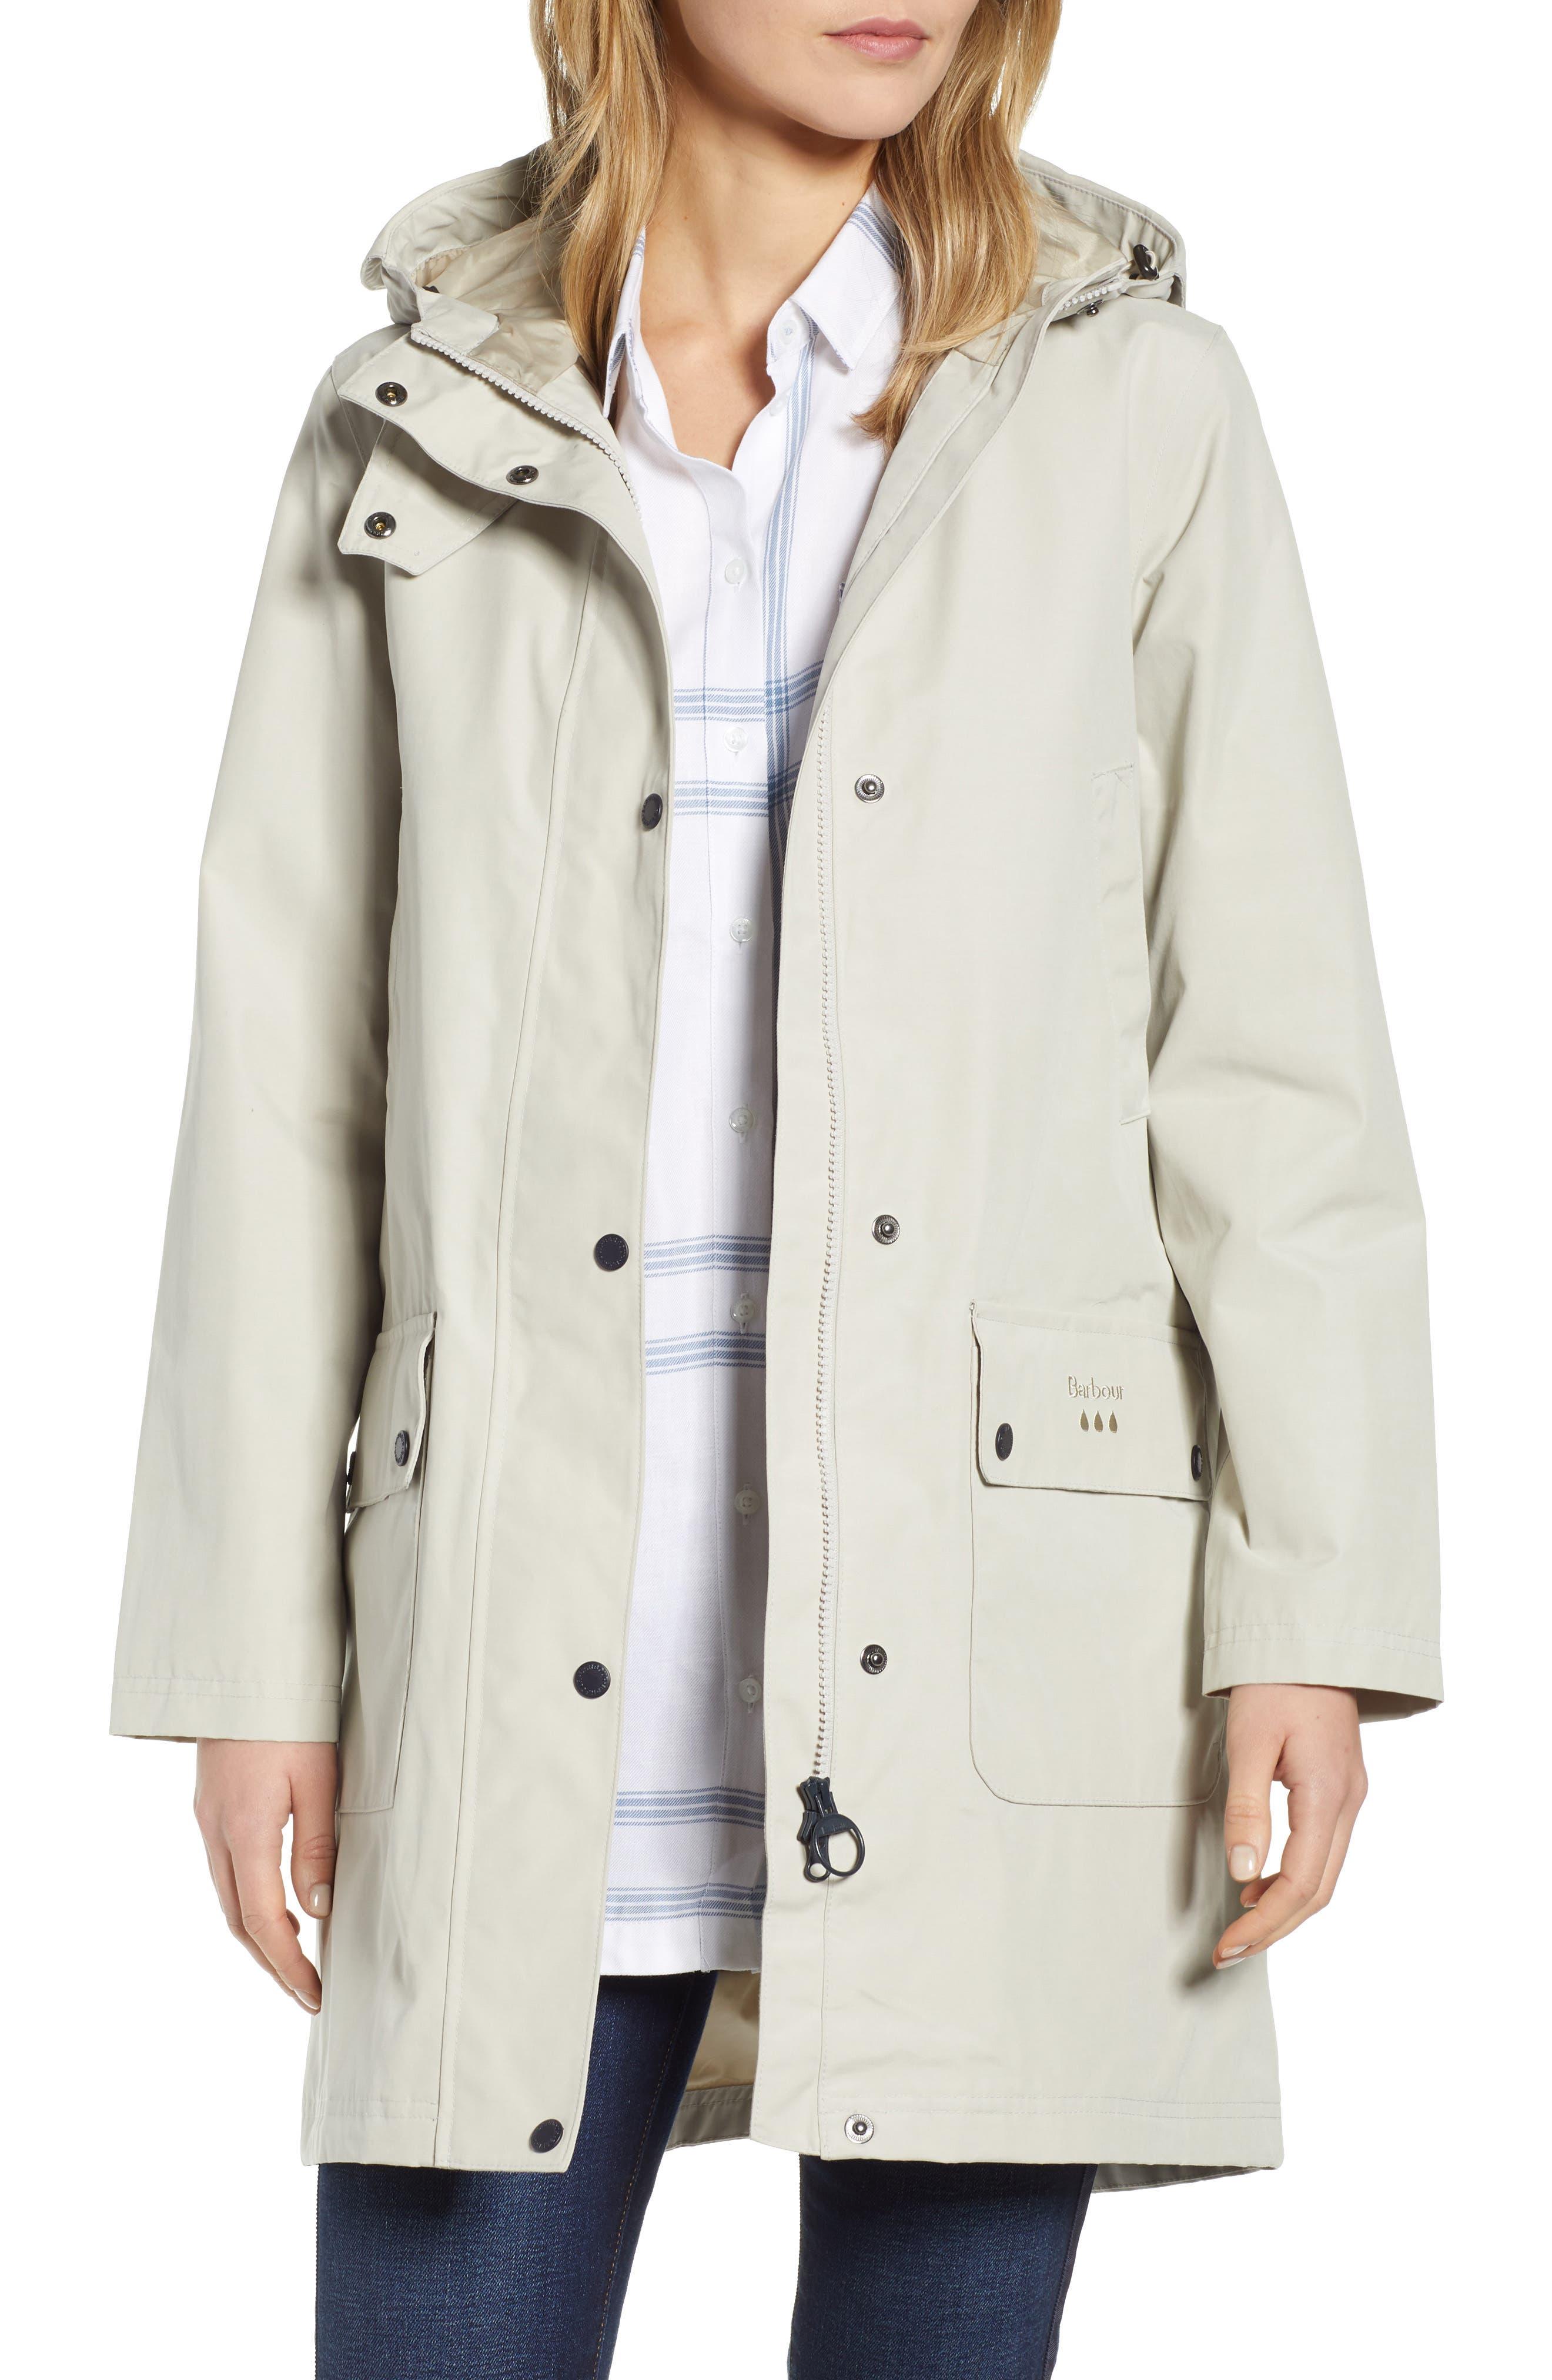 Barbour Barogram Waterproof Hooded Jacket, US / 16 UK - Grey